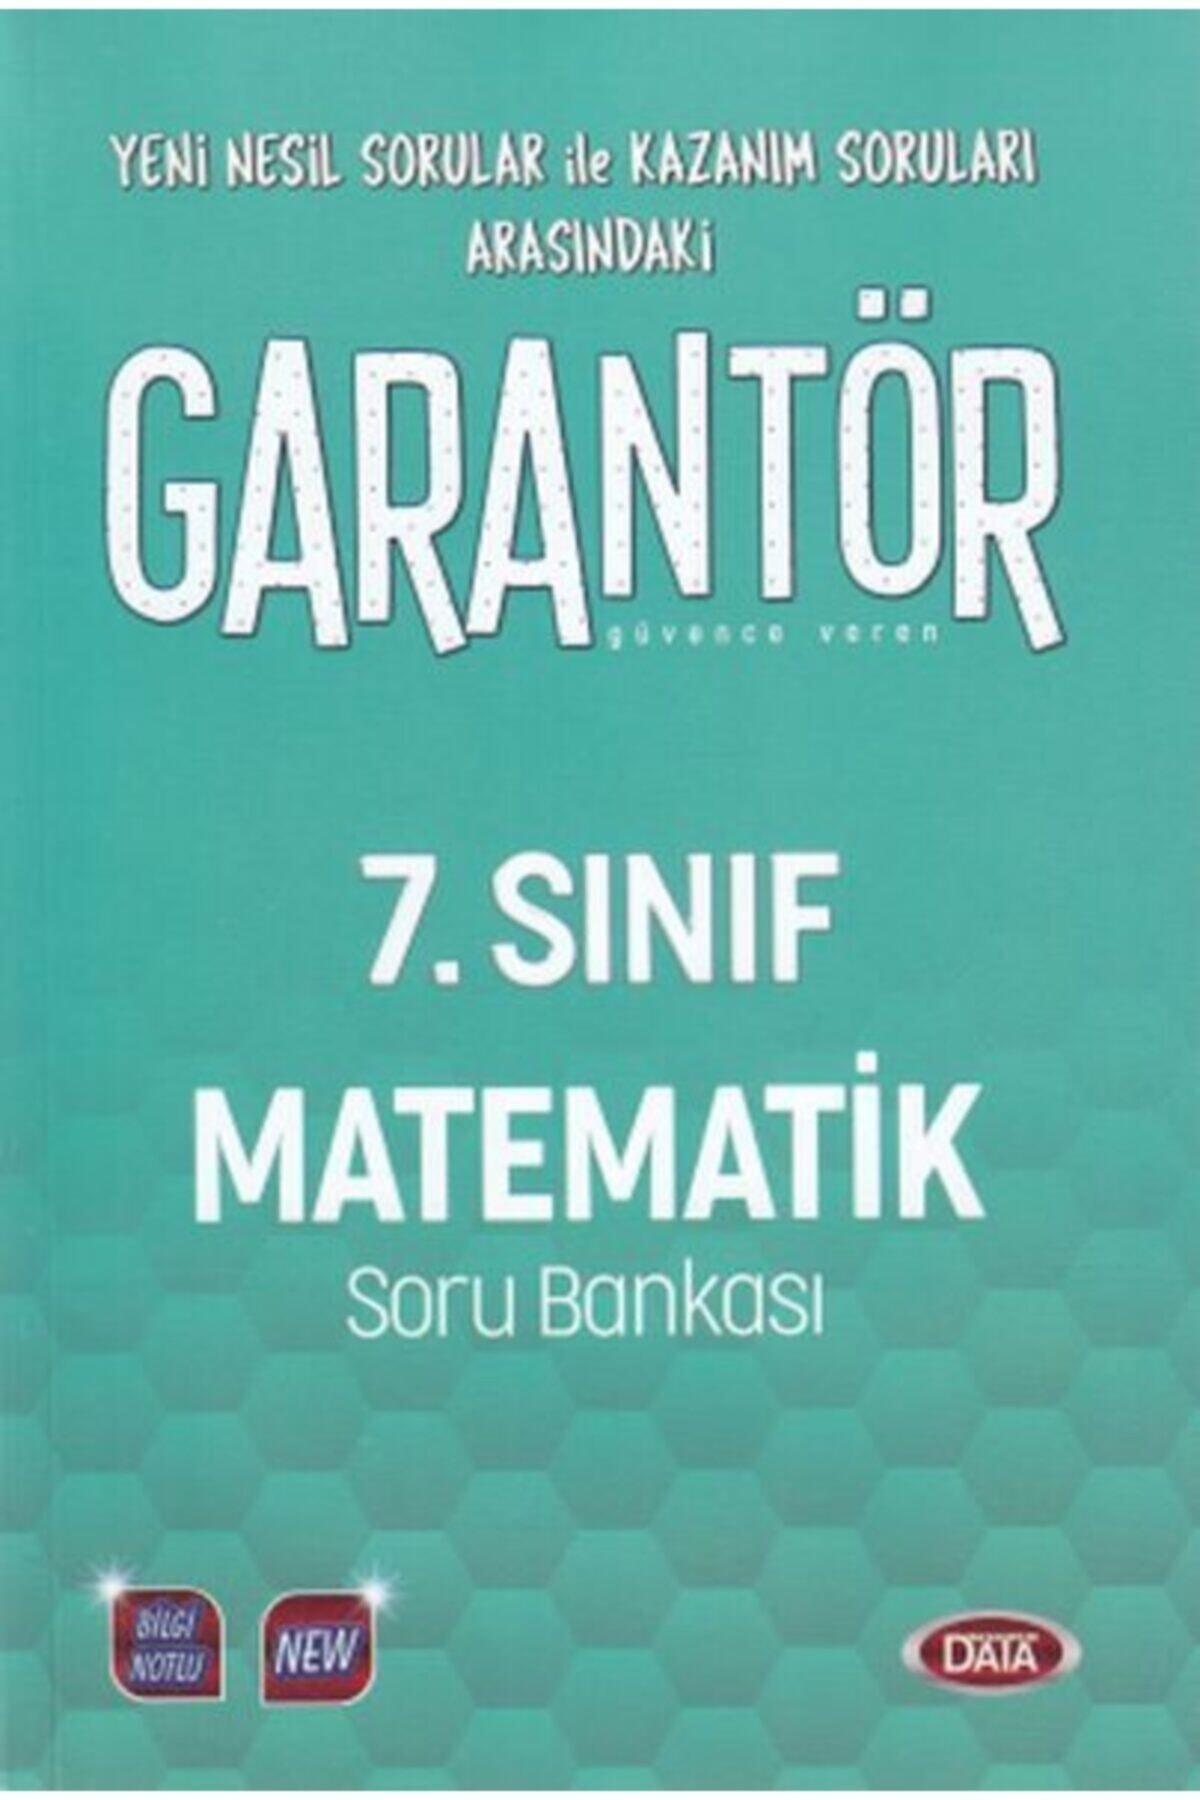 Data Yayınları 7. Sınıf Garantör Matematik Soru Bankası 1